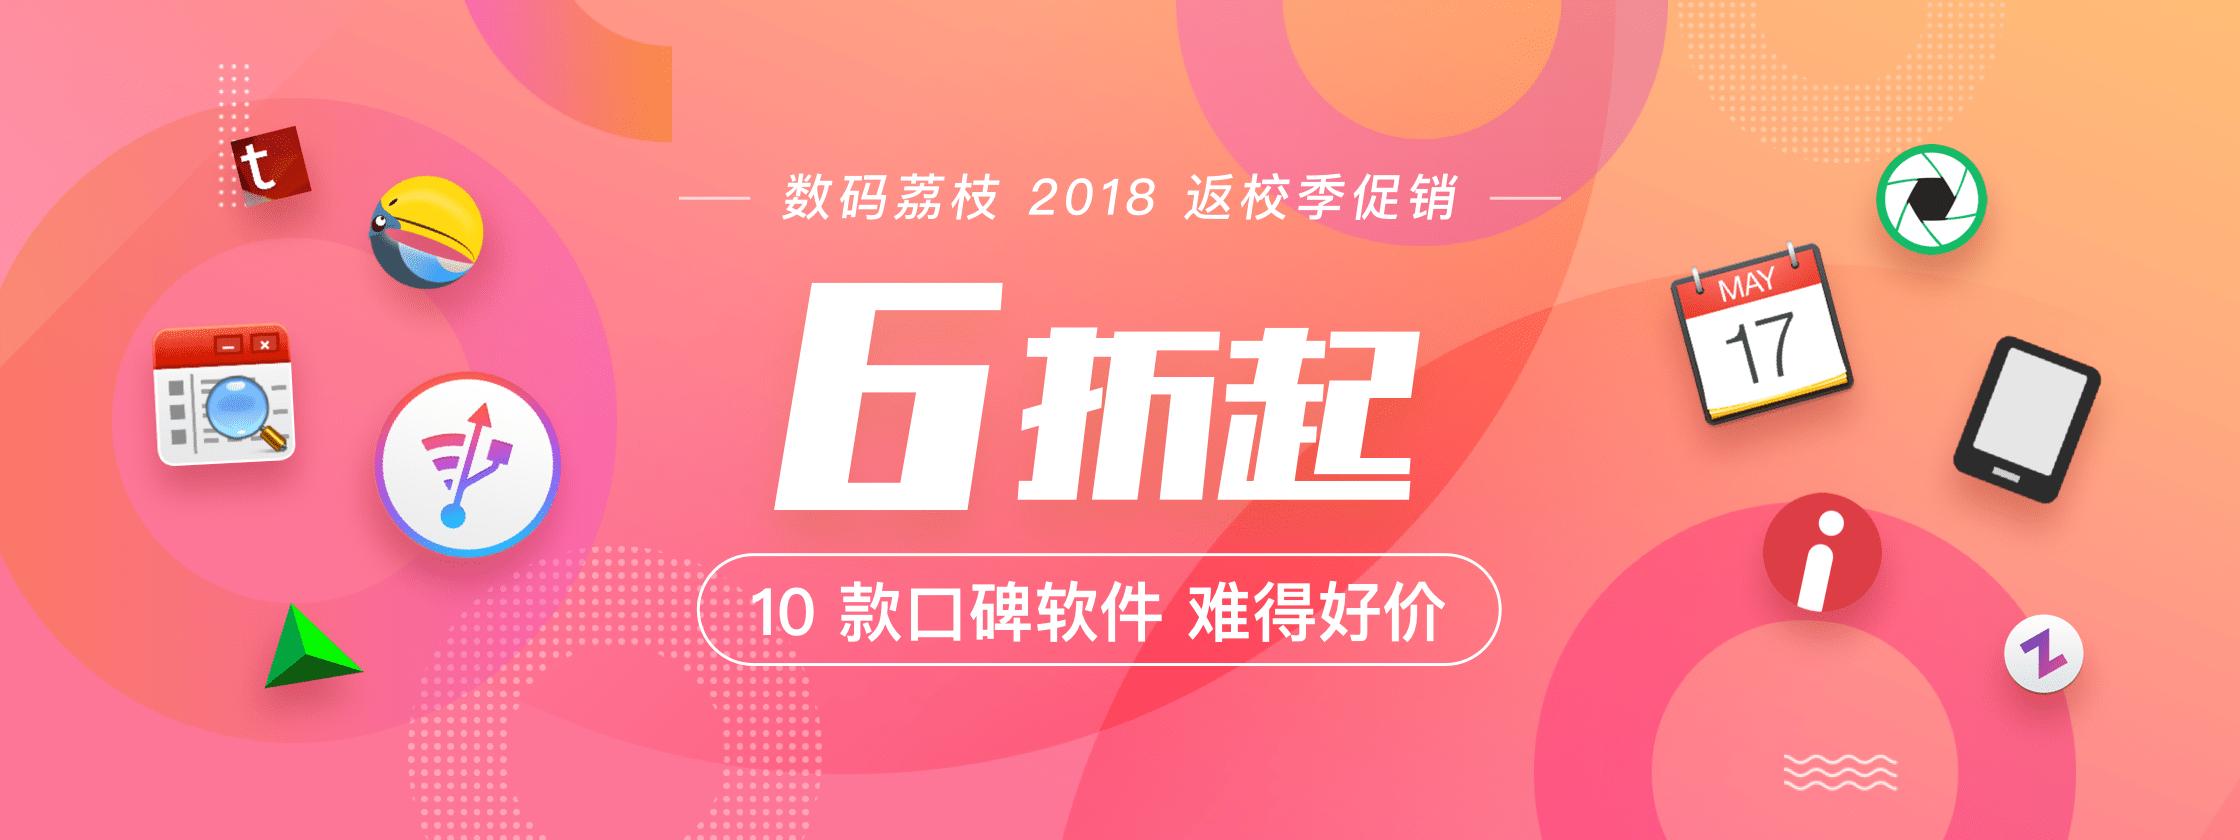 10 款口碑软件 6 折起,数码荔枝 2018 返校季促销